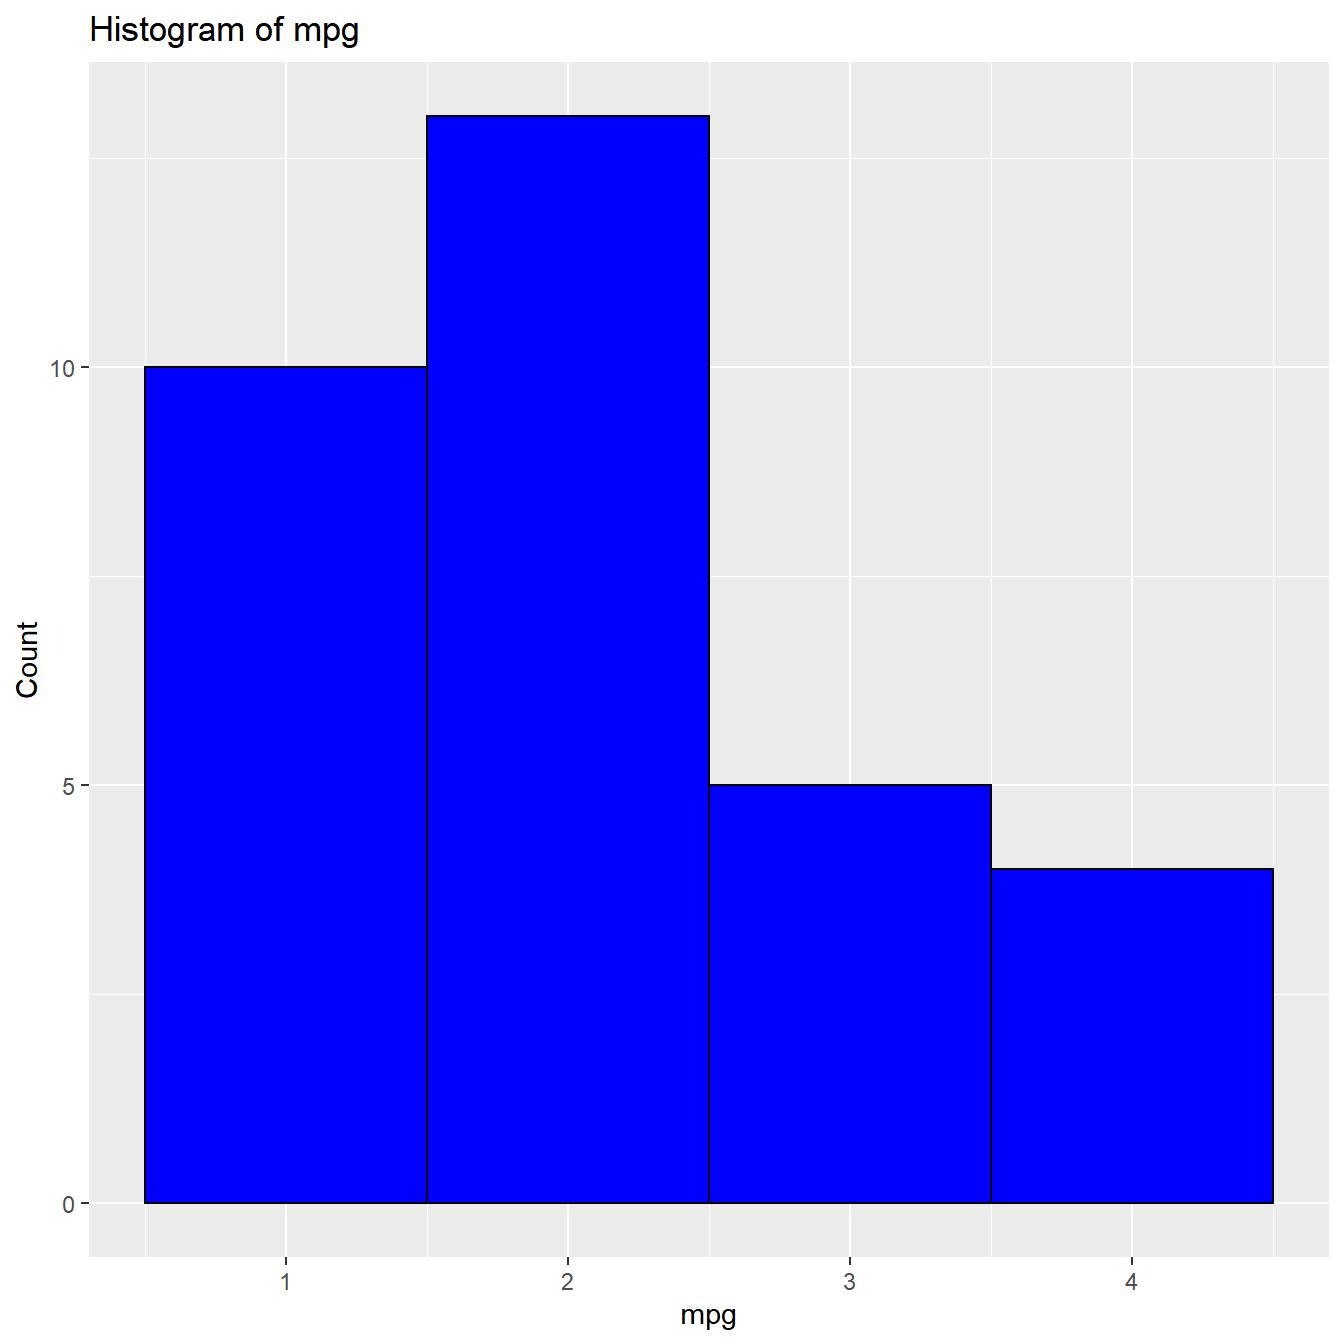 带描述符的描述性/汇总统计